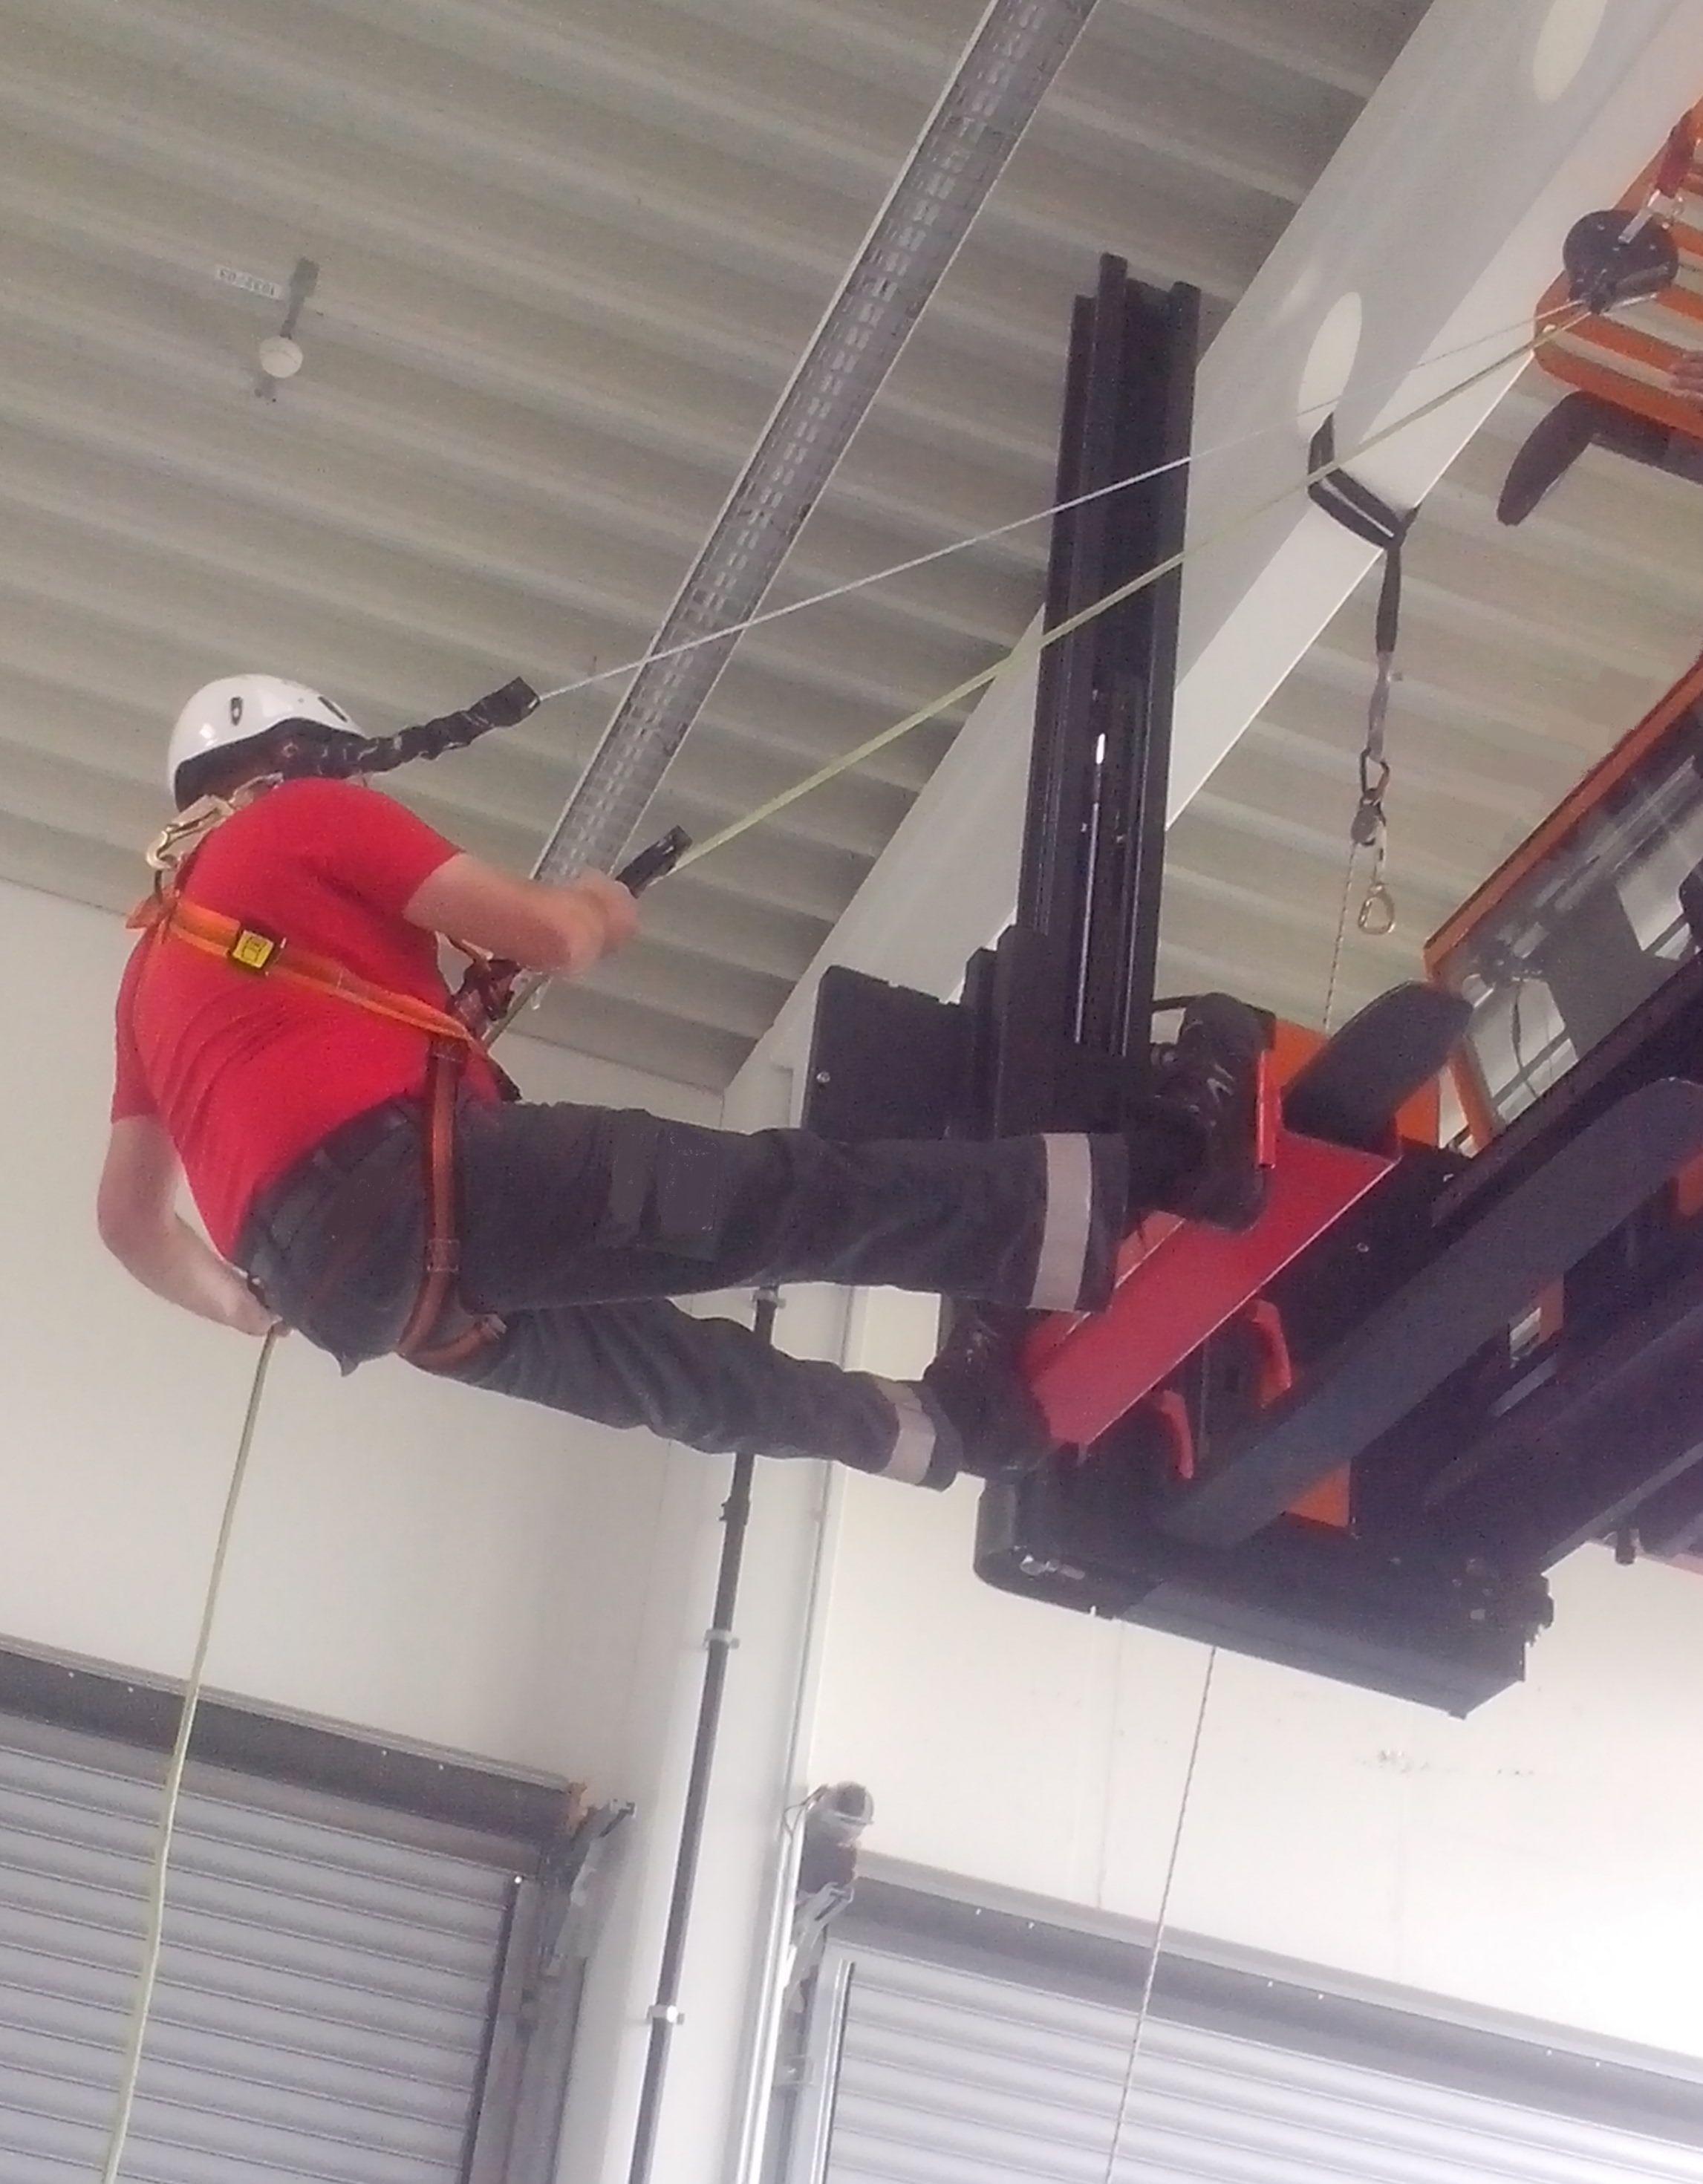 FSKop - Staplerschein Hubarbeitsbühnen-Lehrgang und Abseiltraining für Hochregalstapler